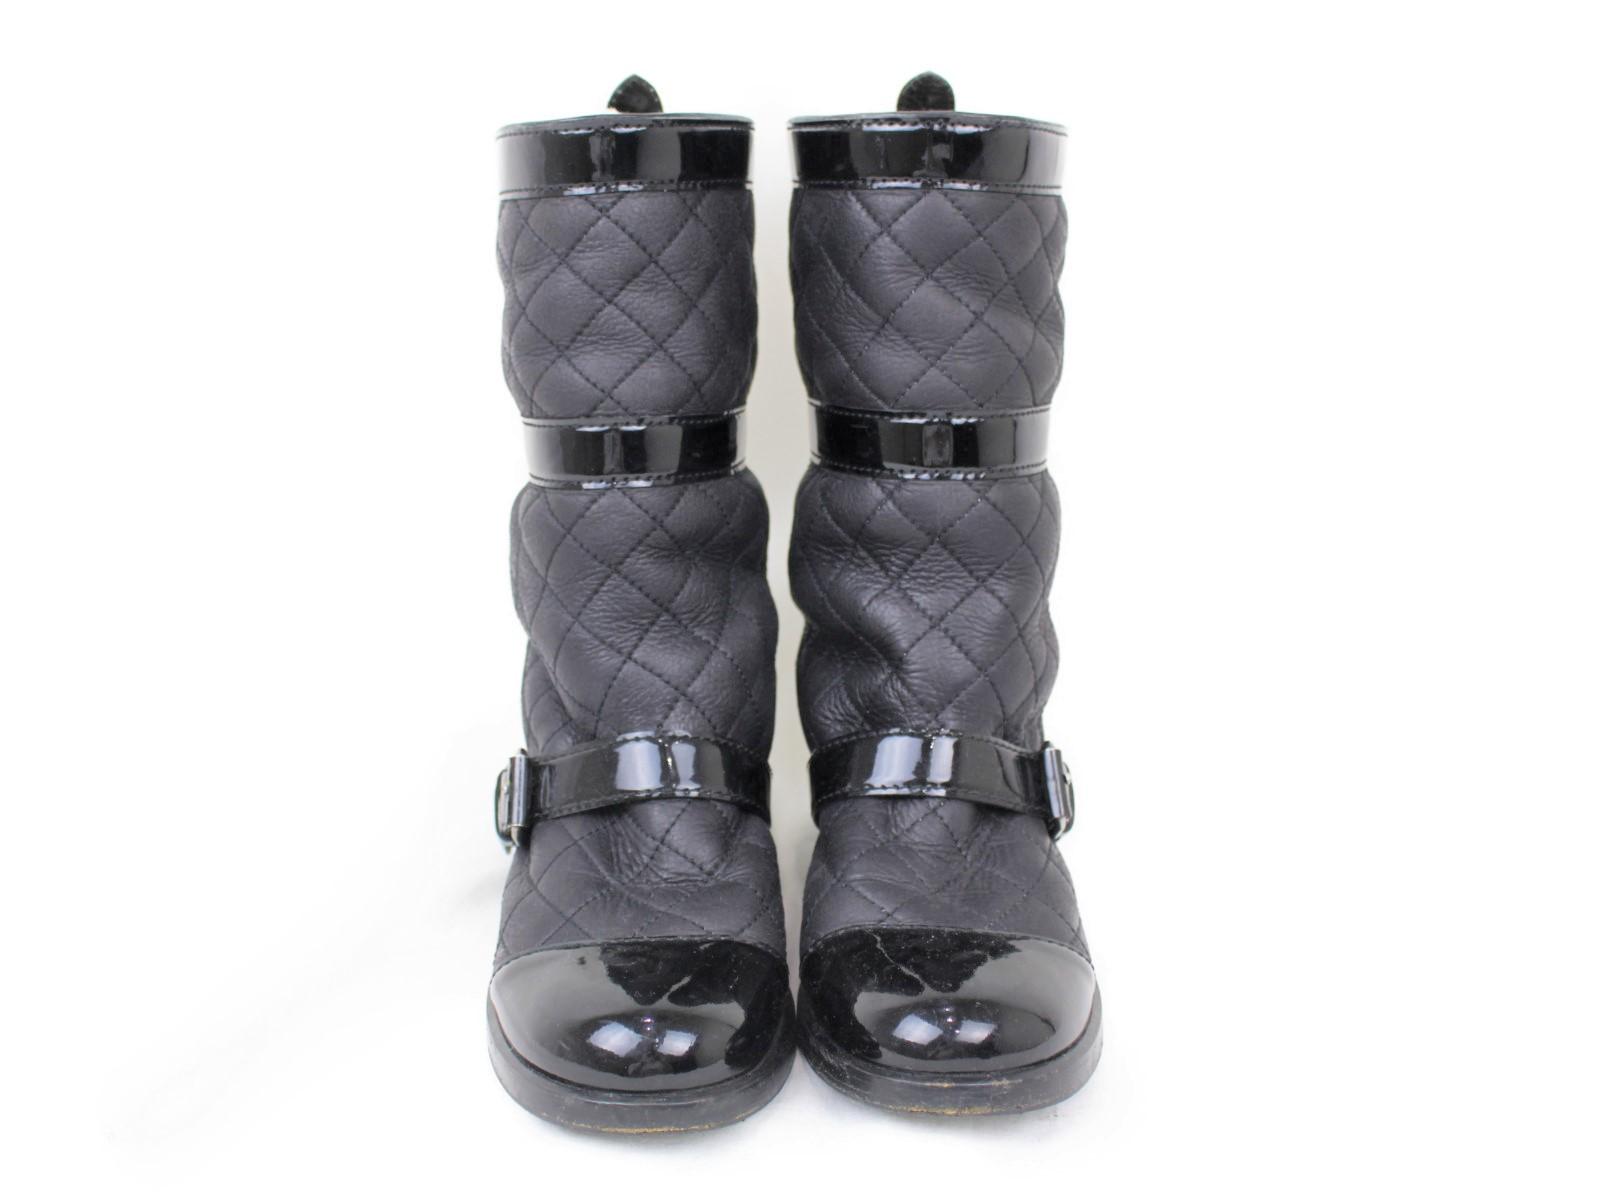 975c94a2e540 ... CHANELシャネルマトラッセブーツブラック系レザー×エナメルレディースウィメンズユニセックスブランド靴ヒール ...